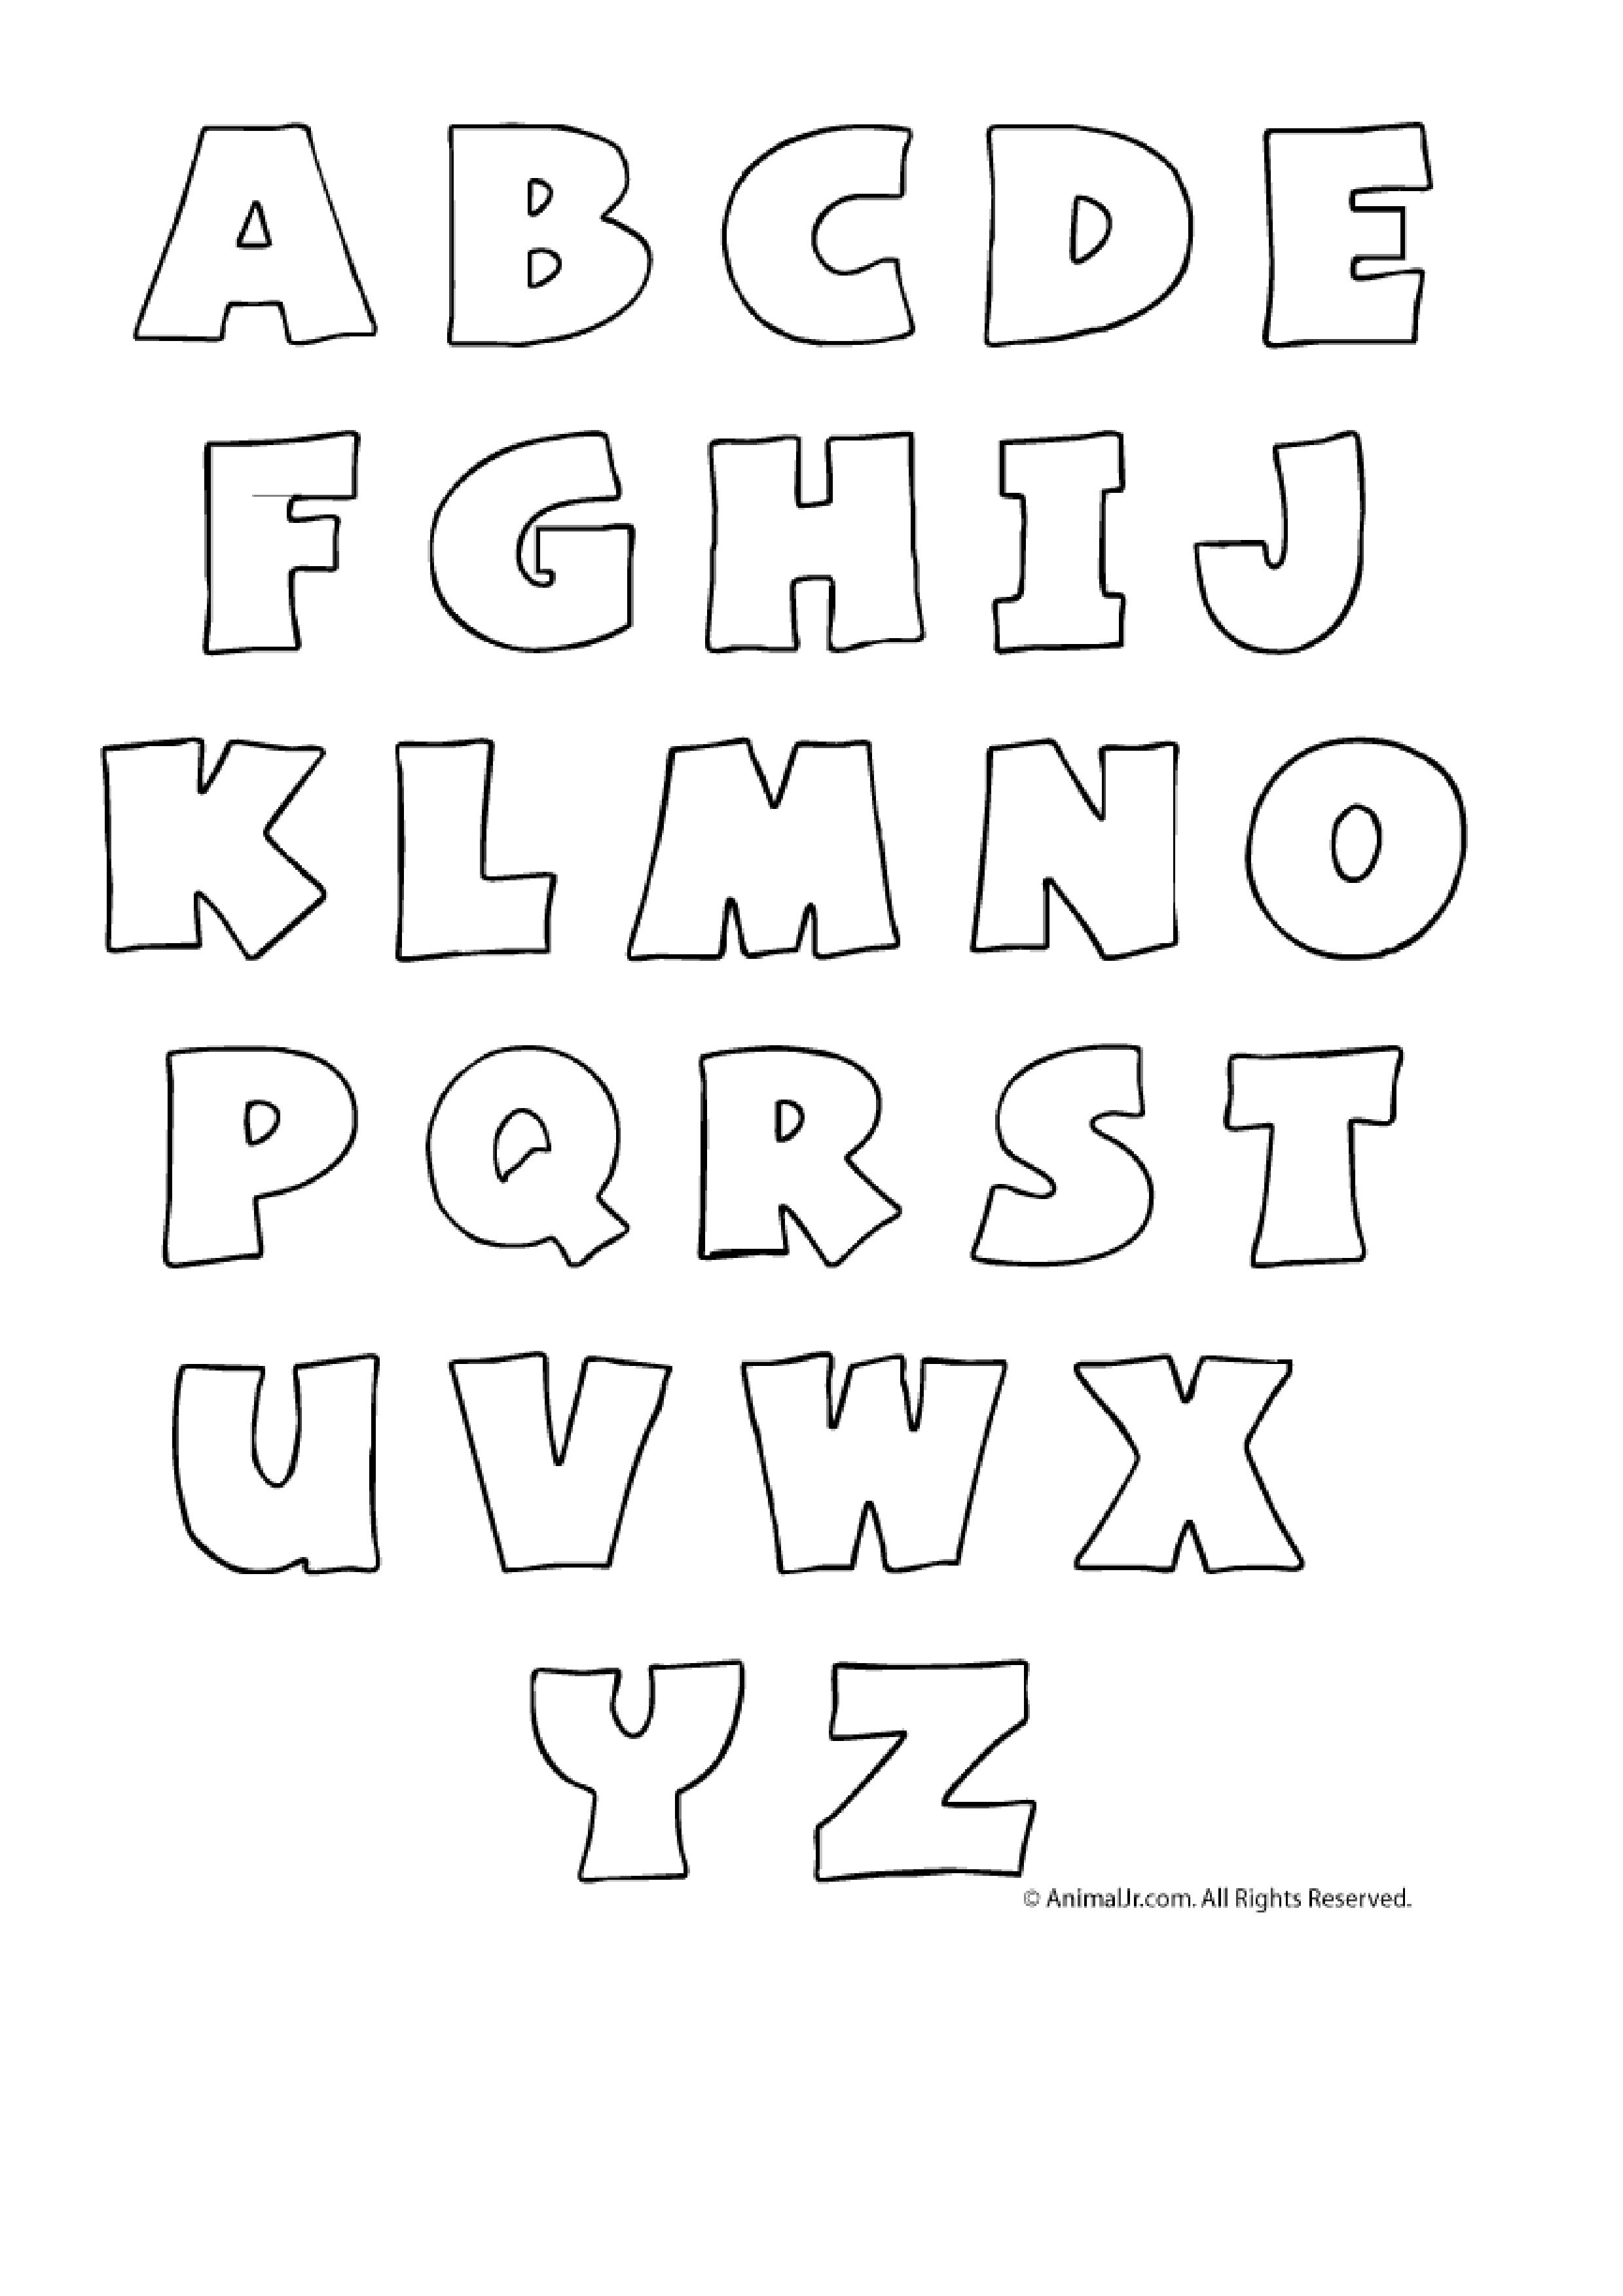 Bubble Letter Font   Tubidportal - Free Printable Bubble Letters Font